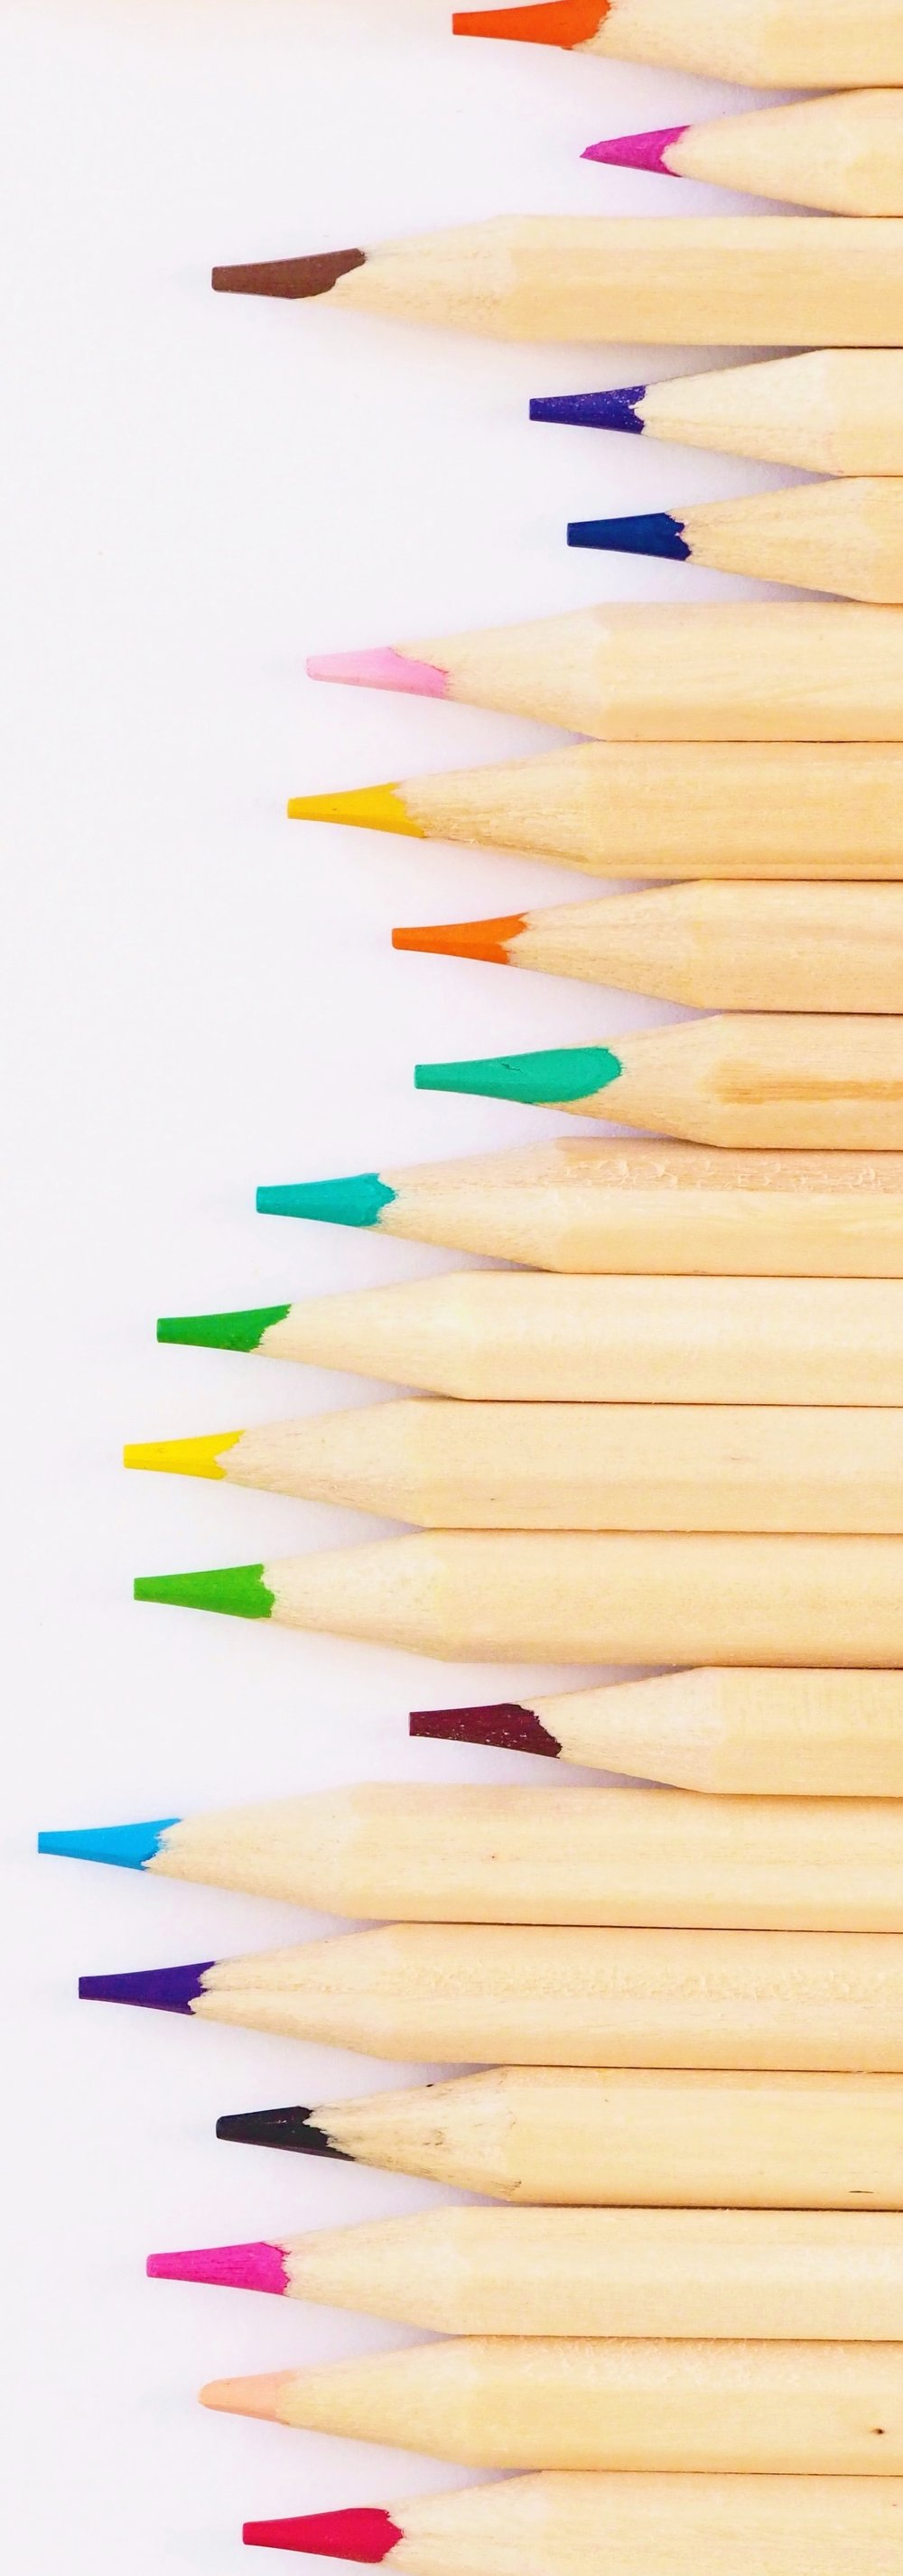 art-art-materials-bright-743986.jpg